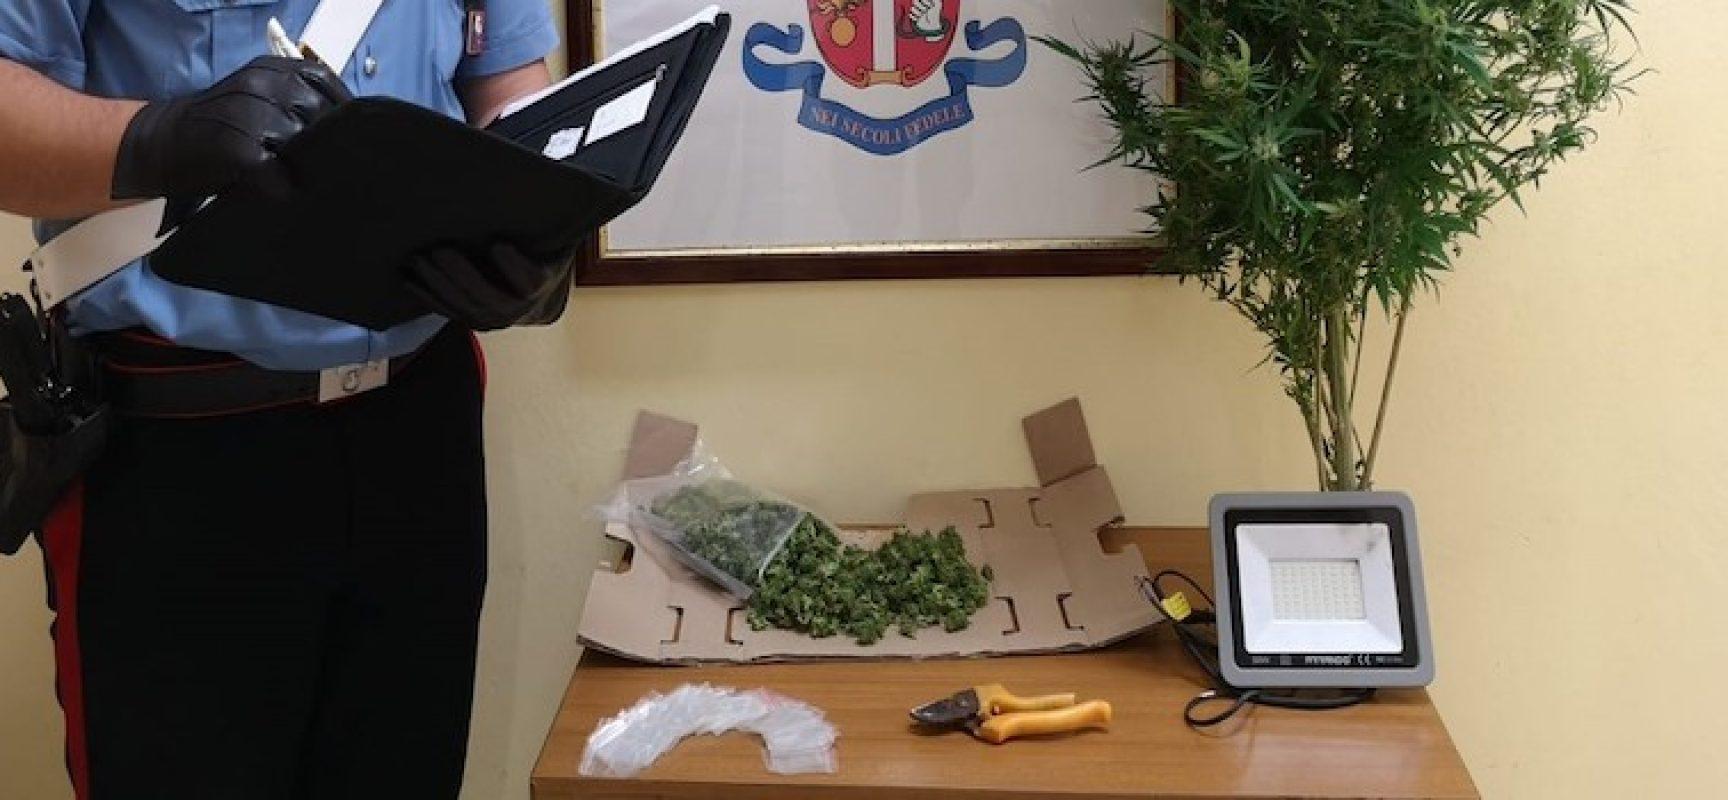 Minore arrestato per detenzione di marijuana: in casa  piccola serra artigianale